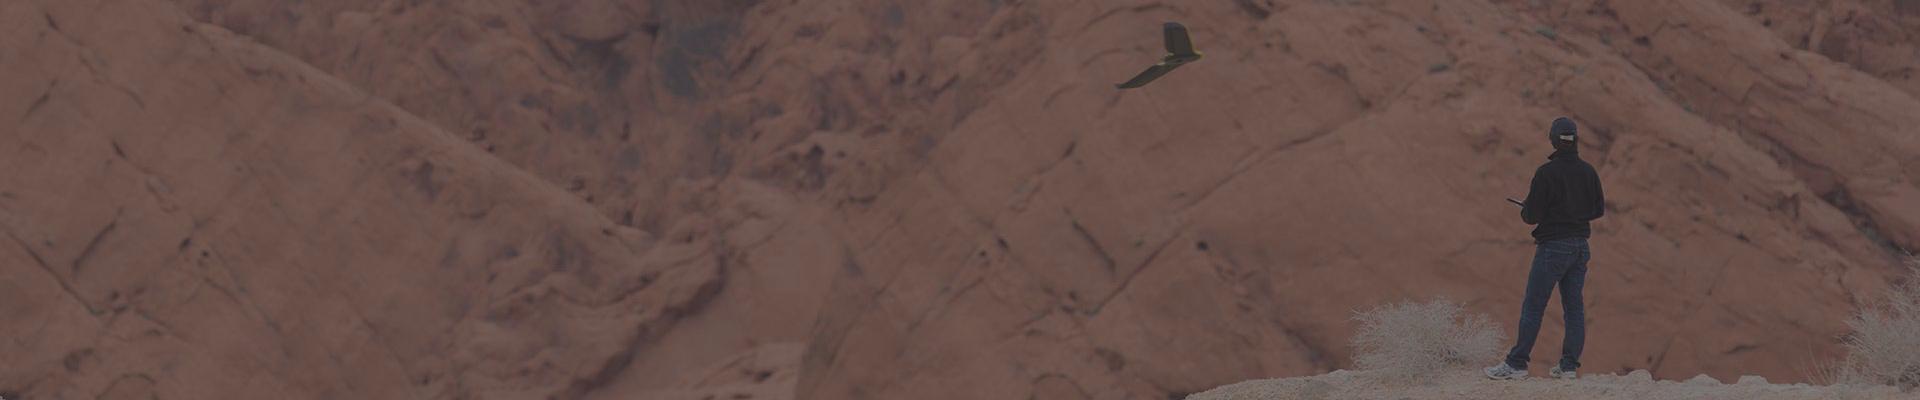 uav sensefly drones profesionales aplicaciones gis